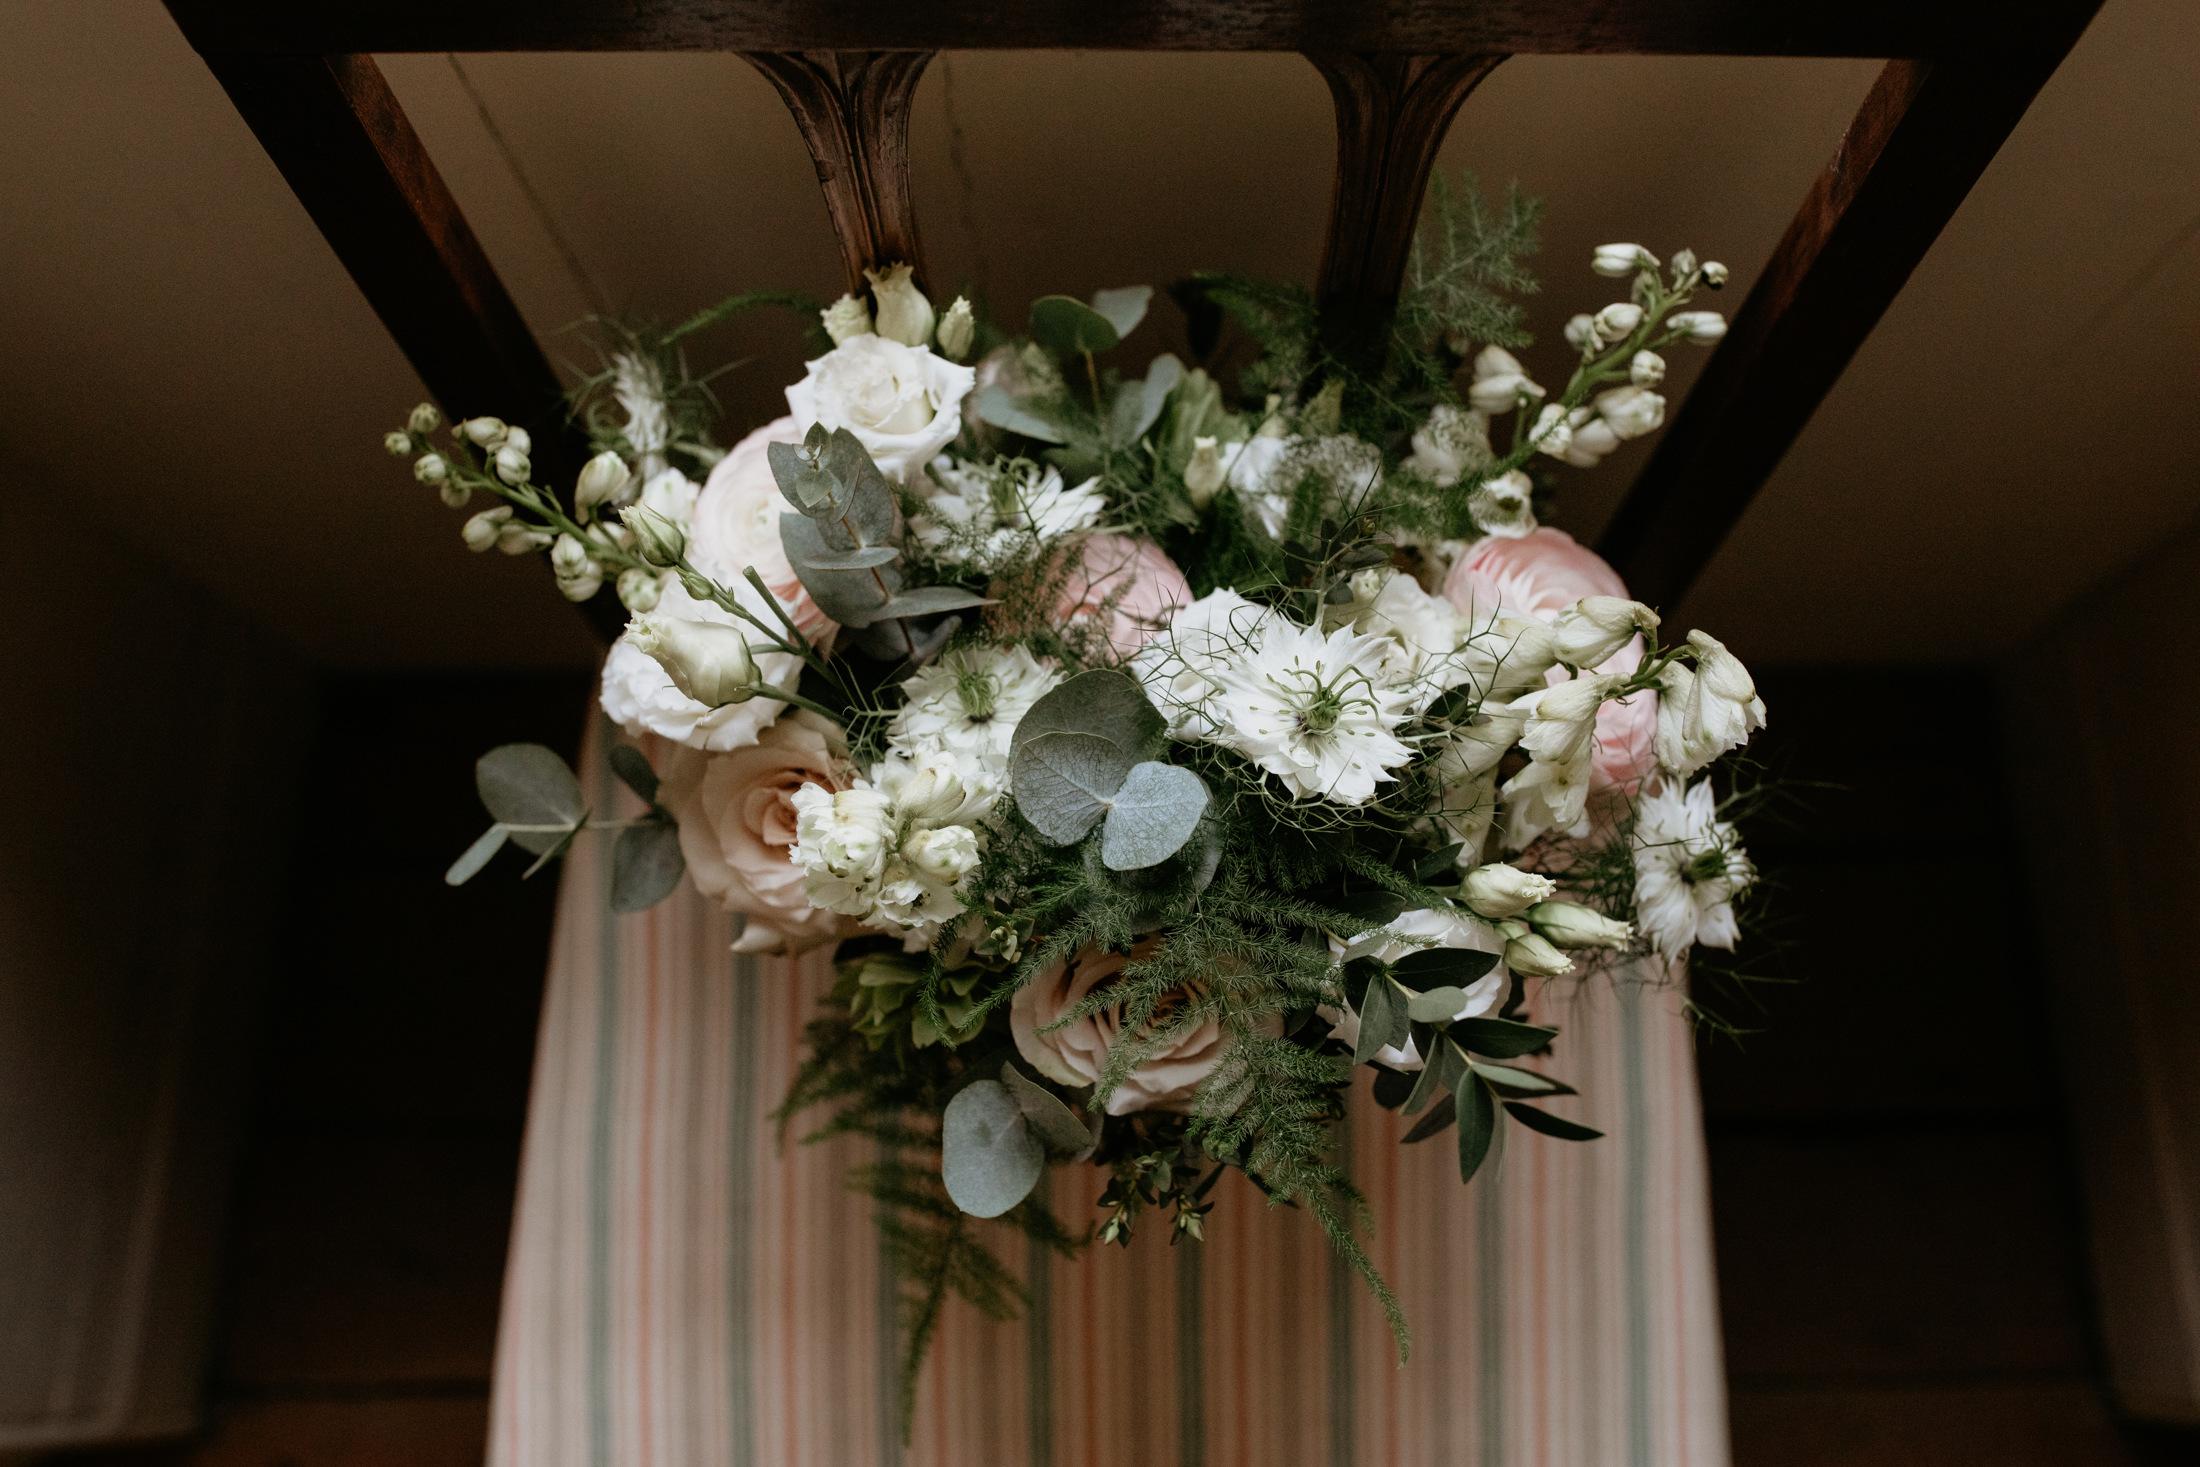 042-Brodie-Lewis-Wedderburn-Castle-Barns-Duns-Lianne-Mackay-Wedding-Photography-Edinburgh-Glasgow-Scotland.jpg